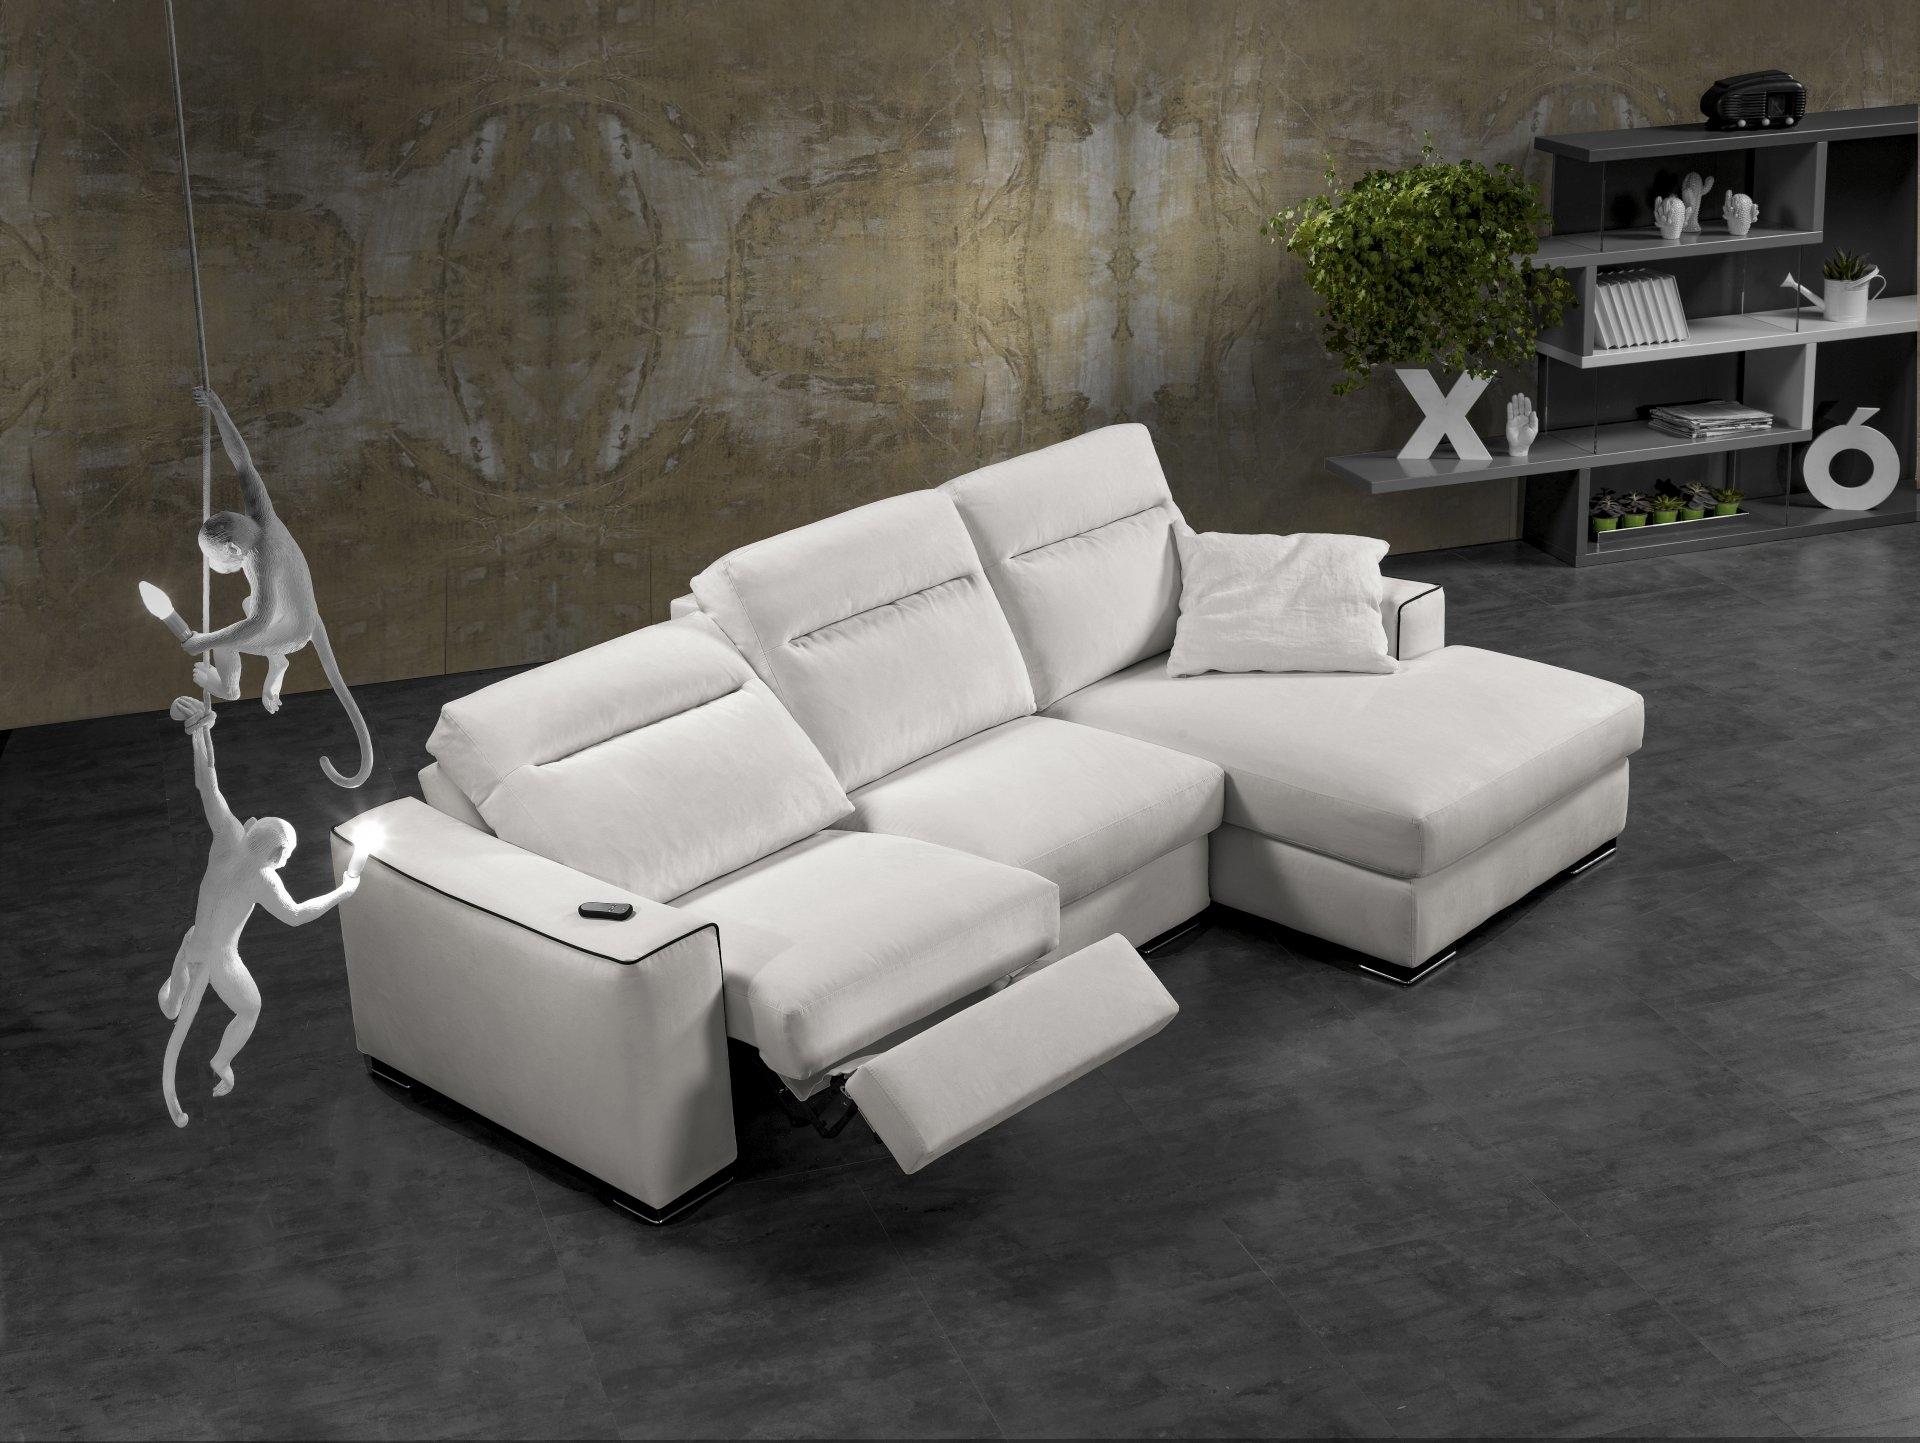 Divano exc arlene divani con chaise longue tessuto divano for Divani moderni con chaise longue